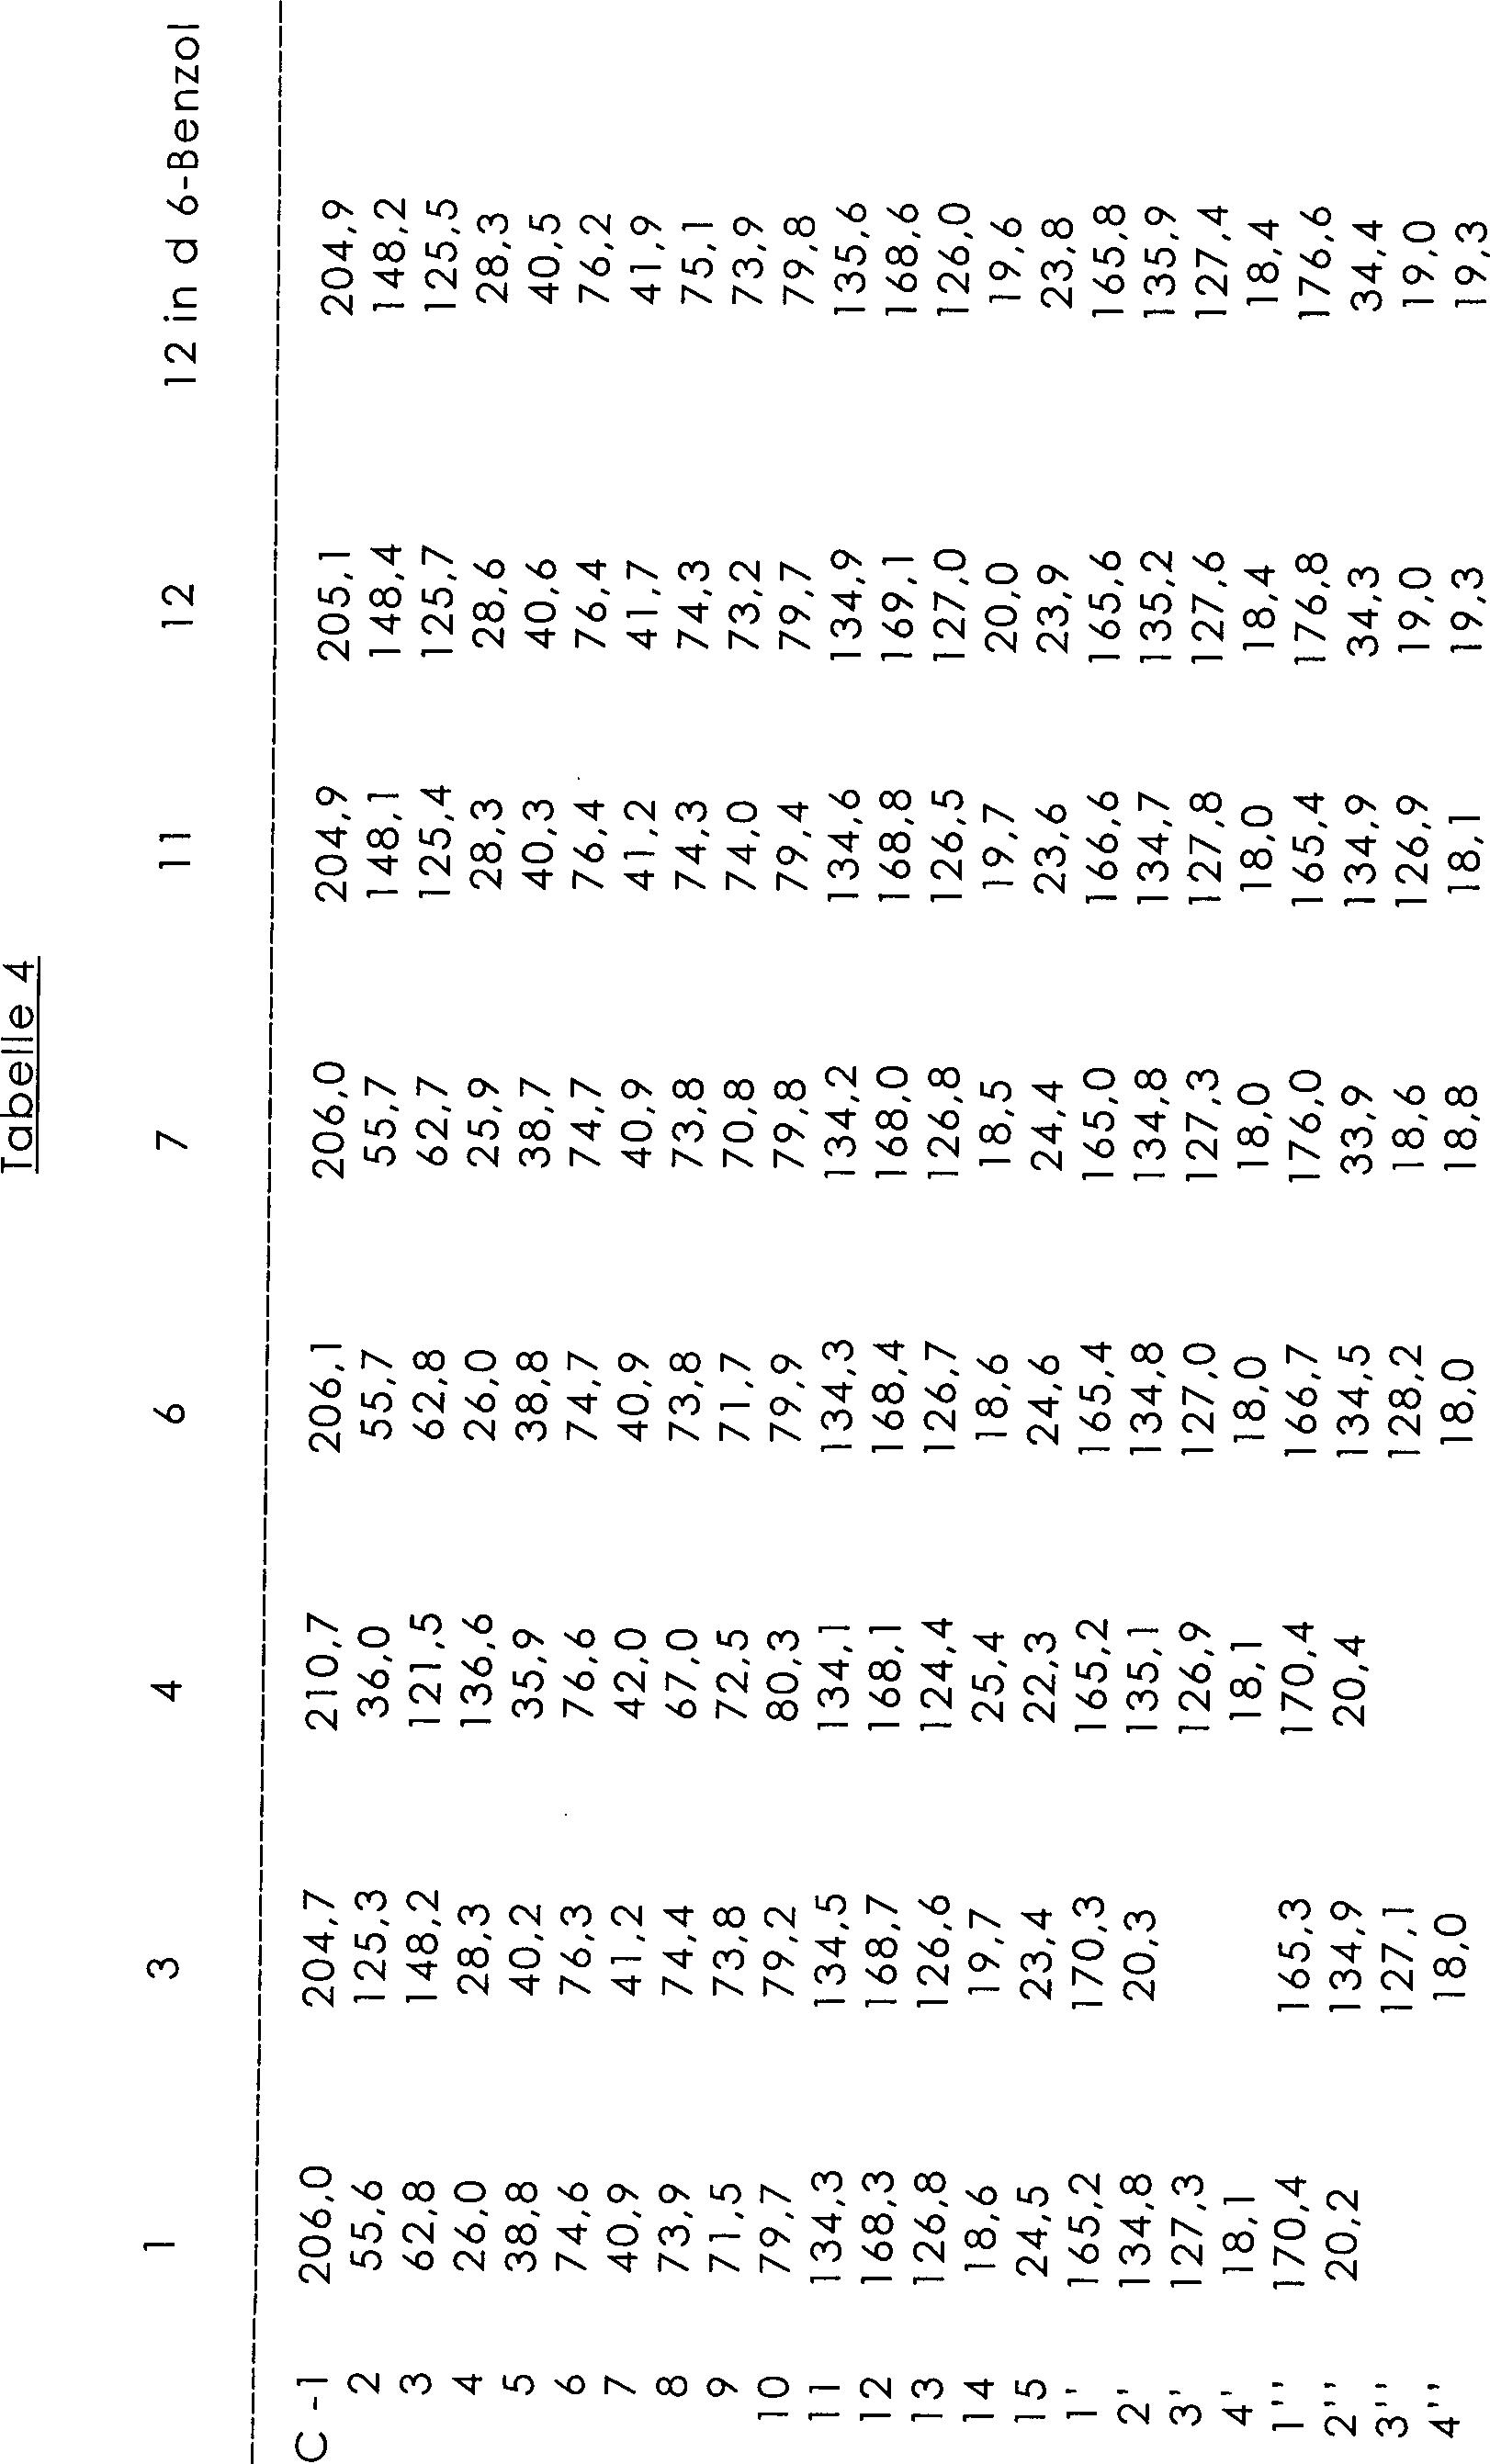 beispiel 3 untersuchung der beziehung zwischen struktur und aktivitt des calea extraktes - Derivate Beispiel